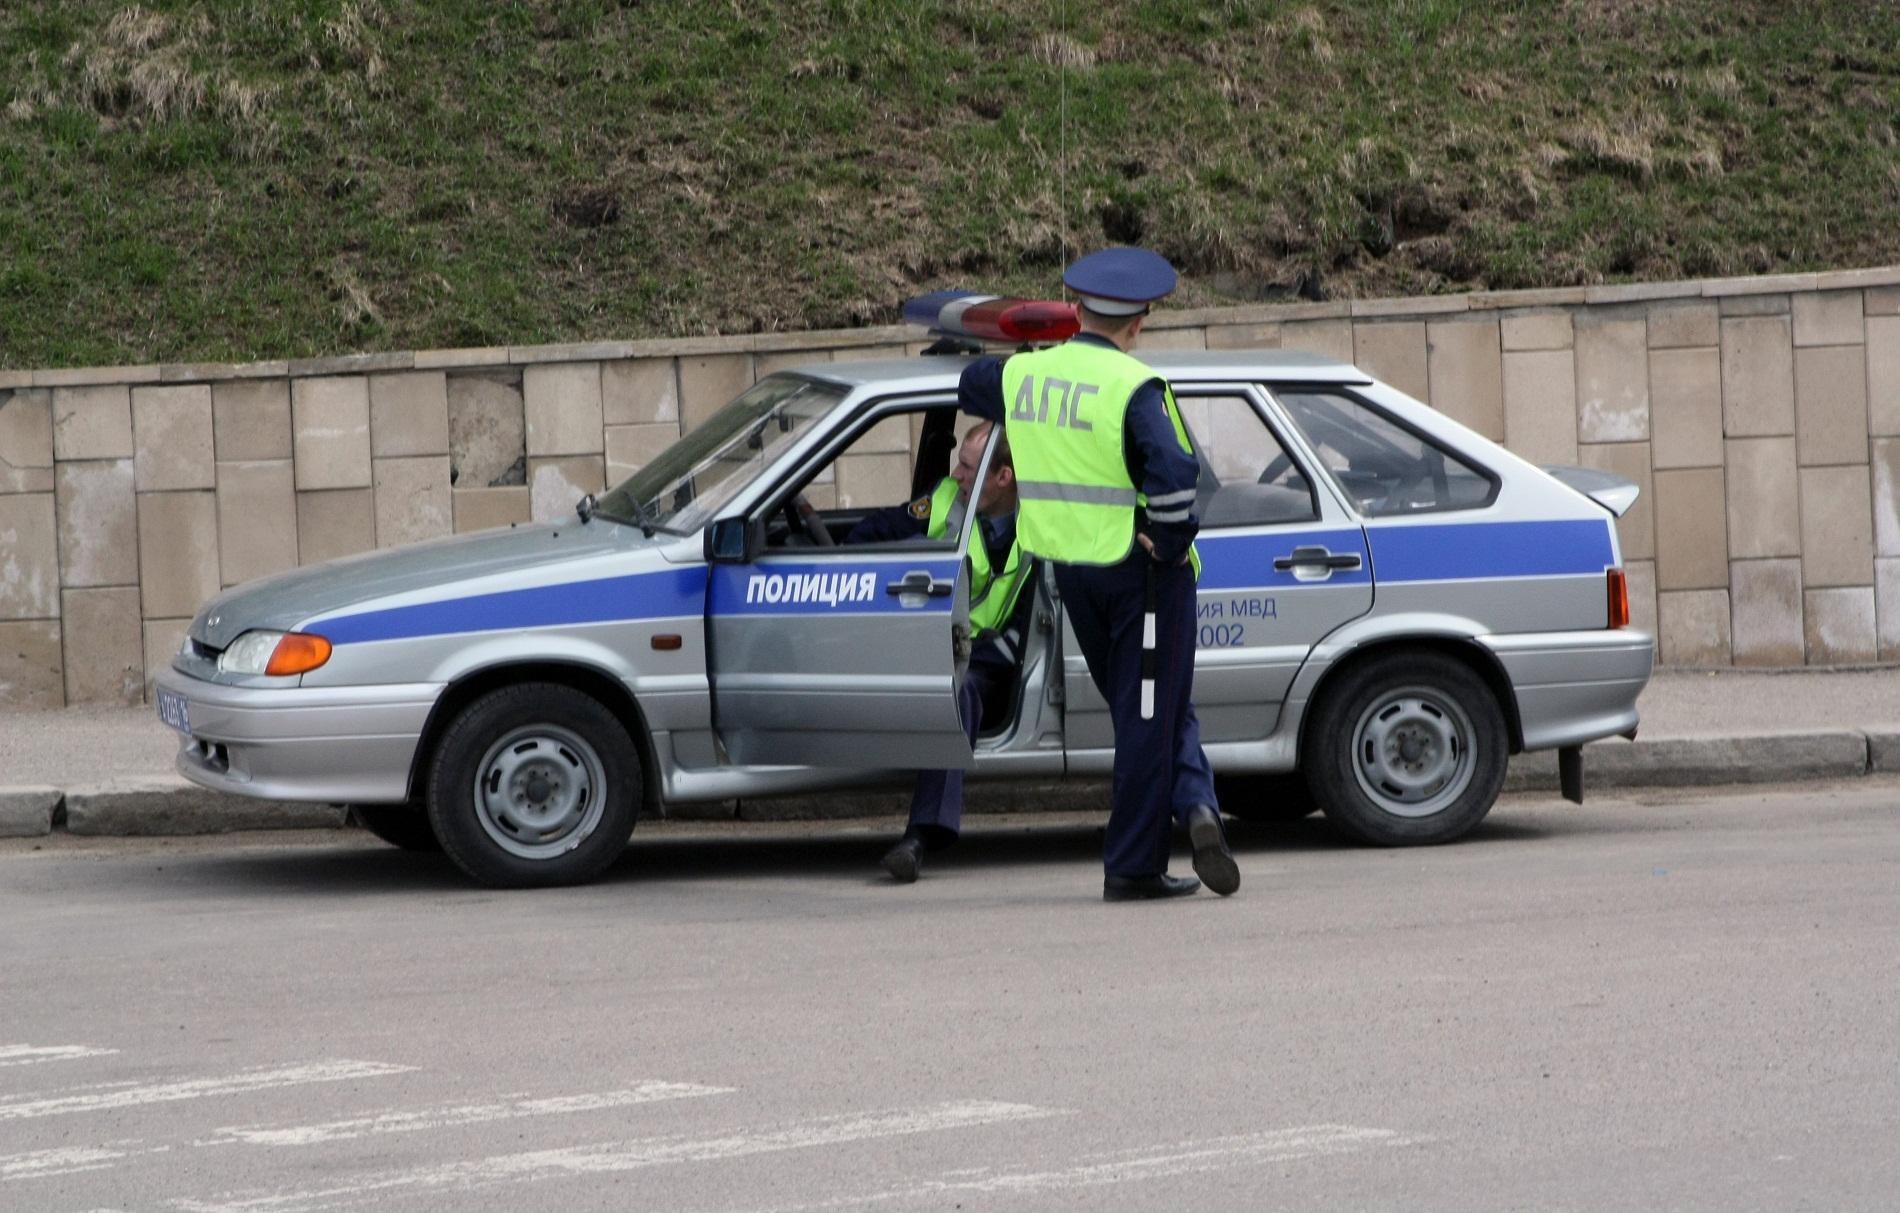 Суд рассмотрит дело гаишников, которые якобы избили екатеринбуржца за фото